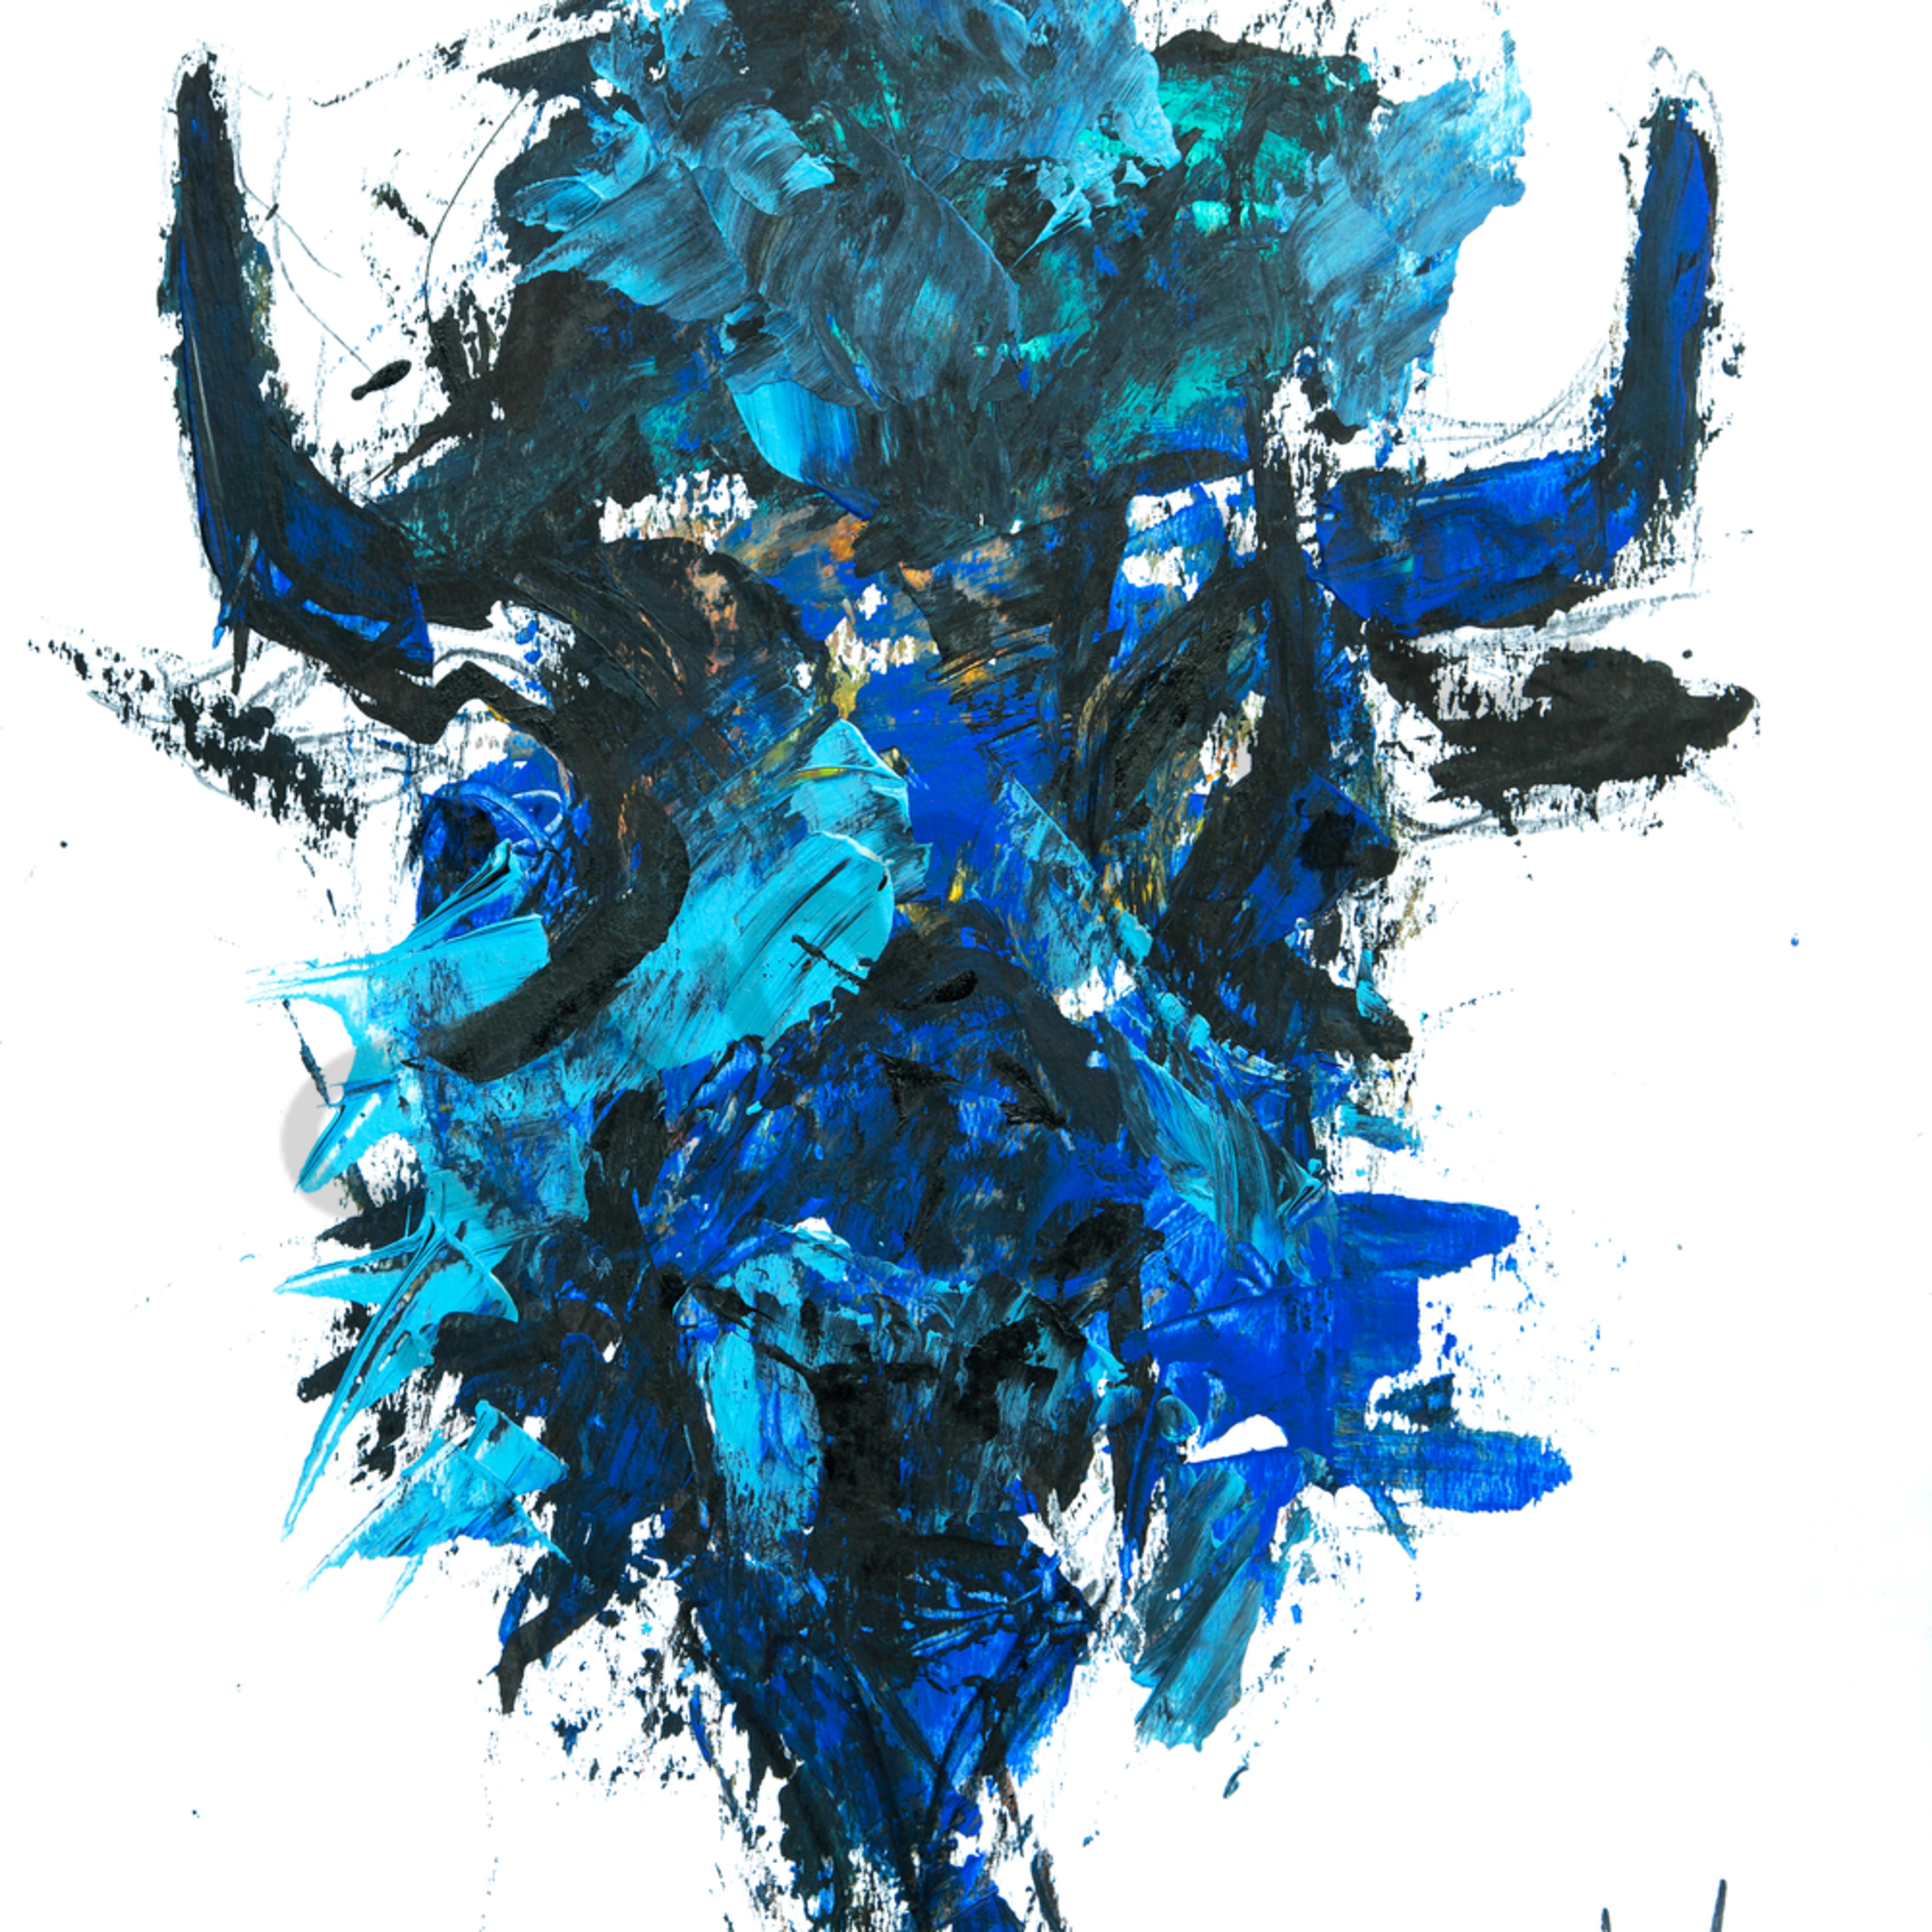 Chipboard bison 08 ecfizw